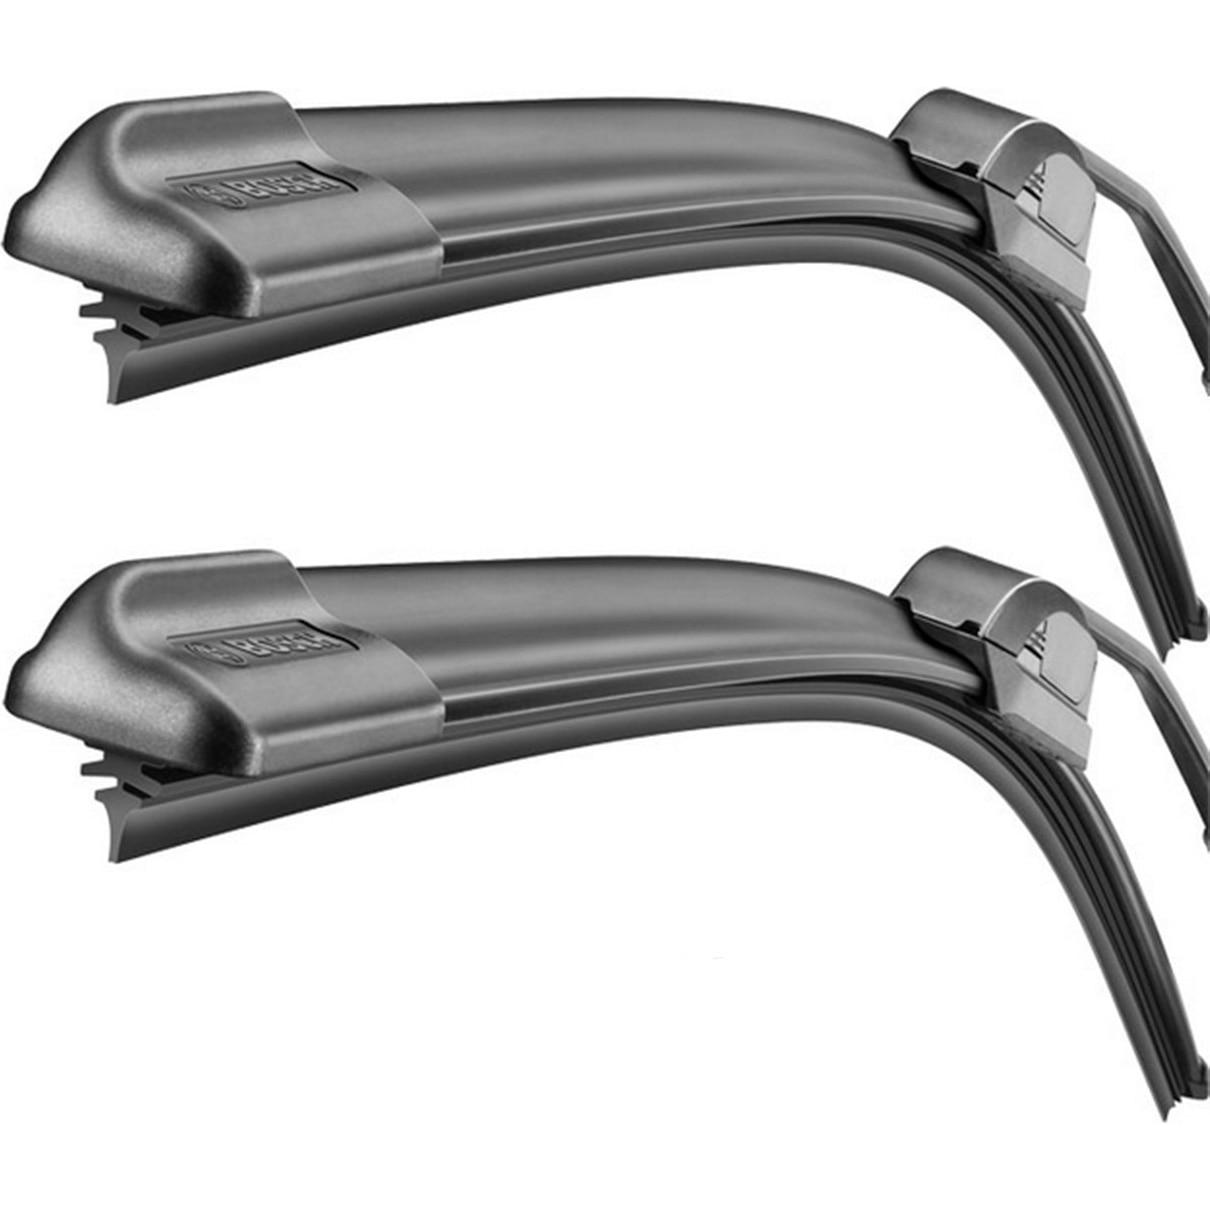 Fotografie Set stergatoare Bosch AeroTwin Retrofit, pentru parbriz 55 cm si 50 cm, pentru prindere clasica (carlig)